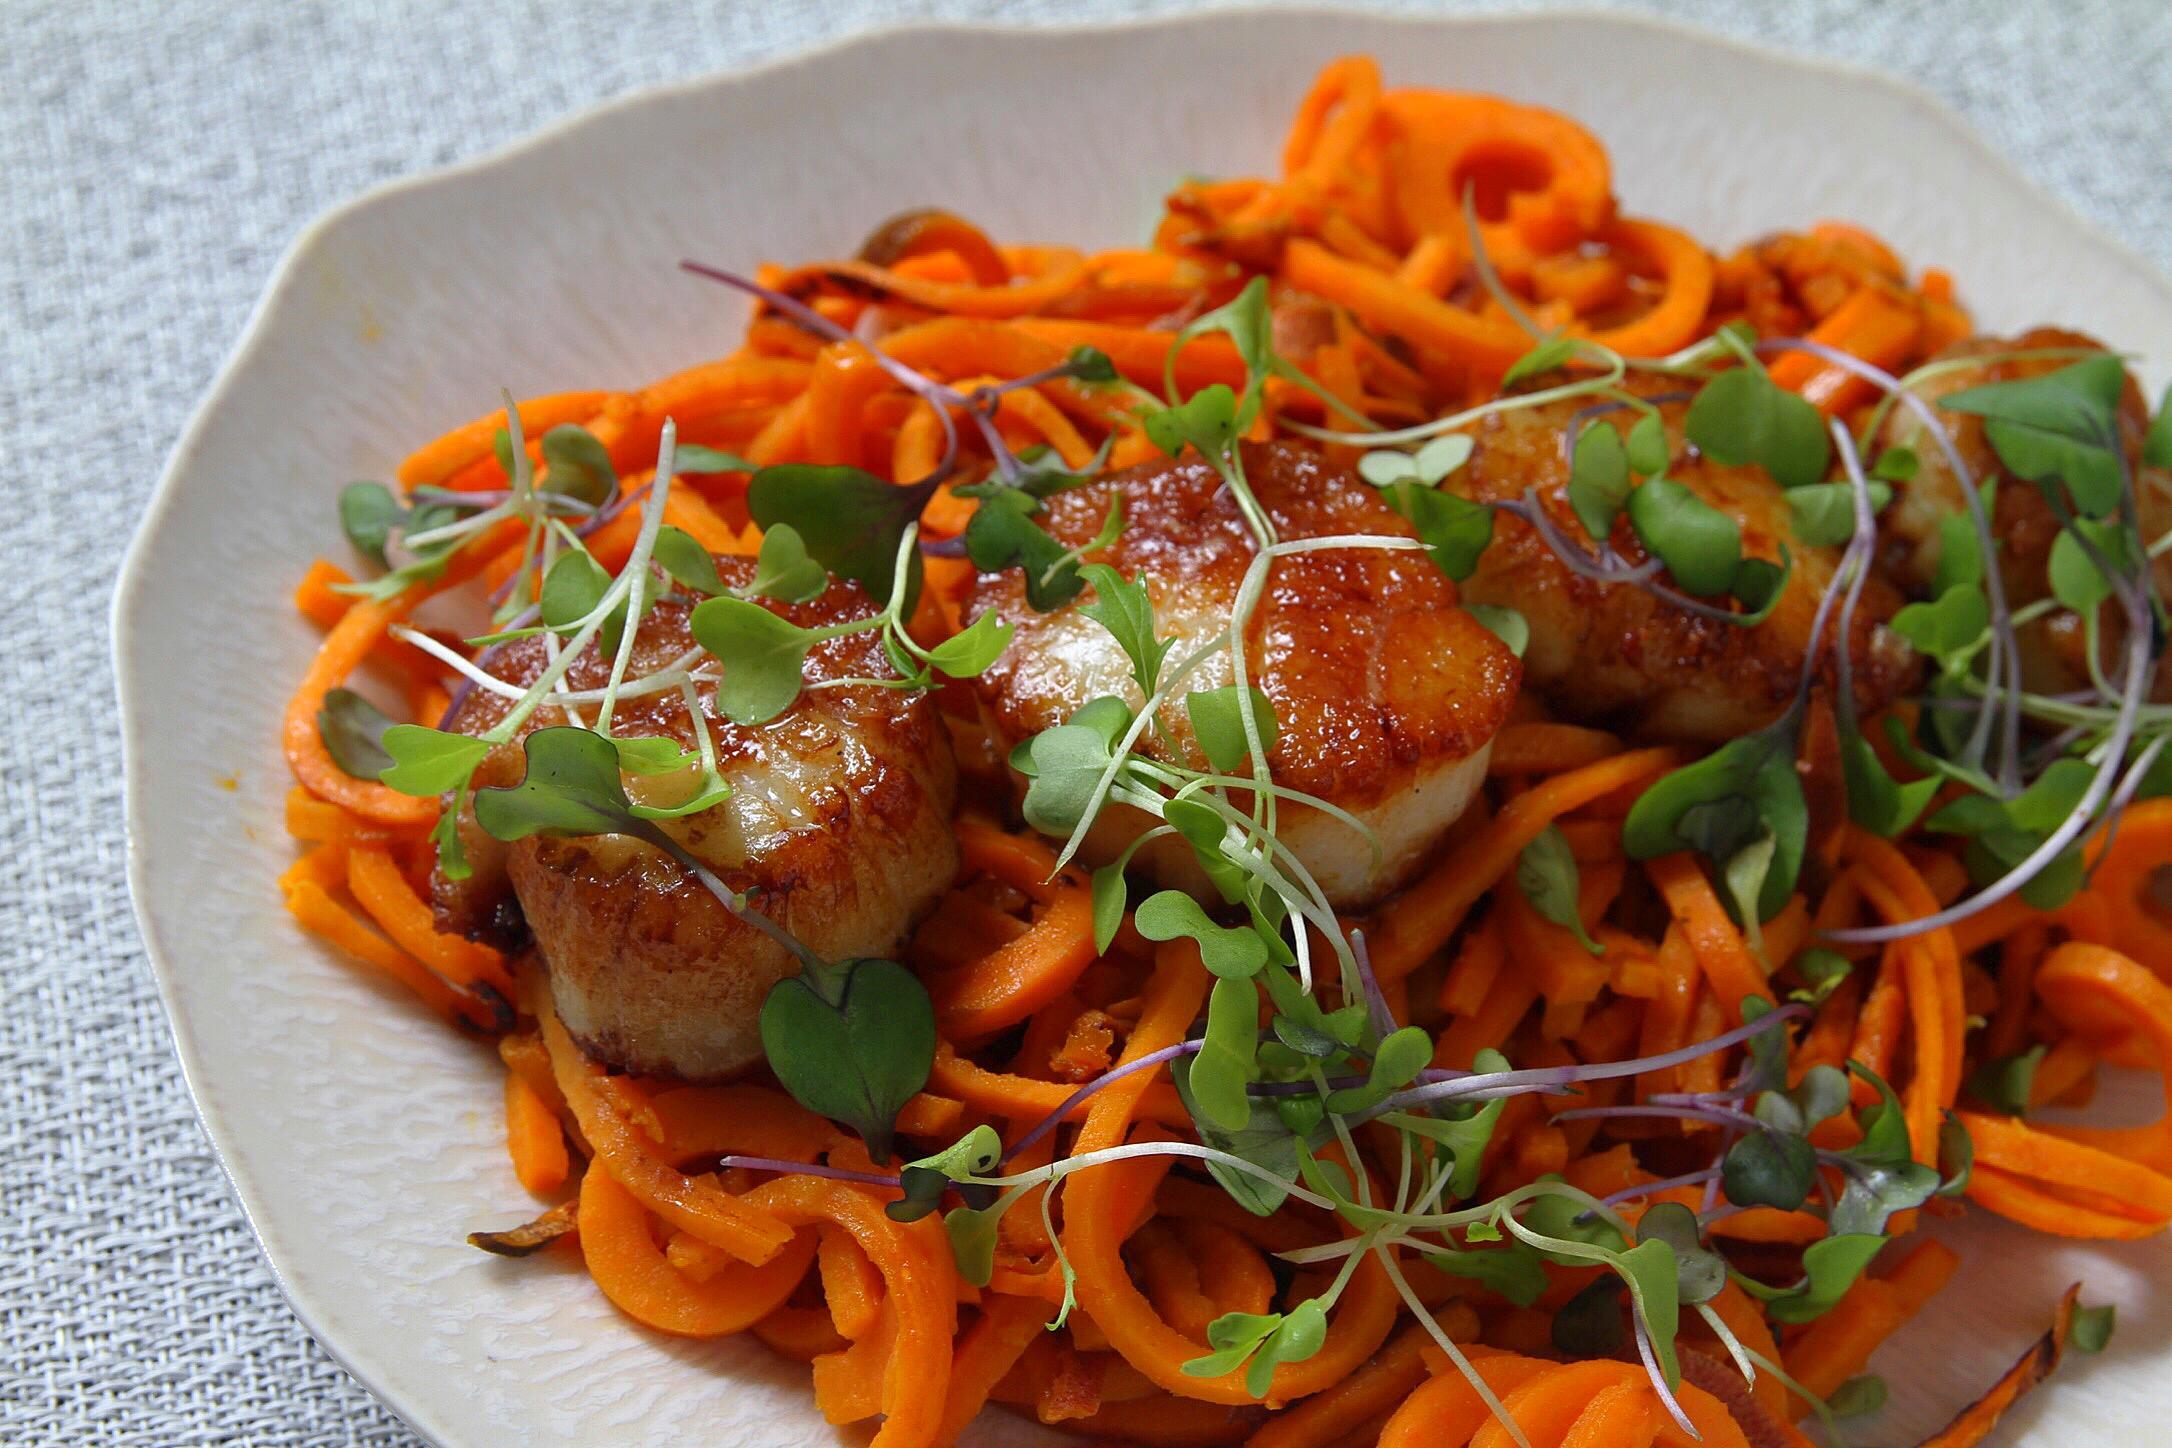 Seared scallops ❤️